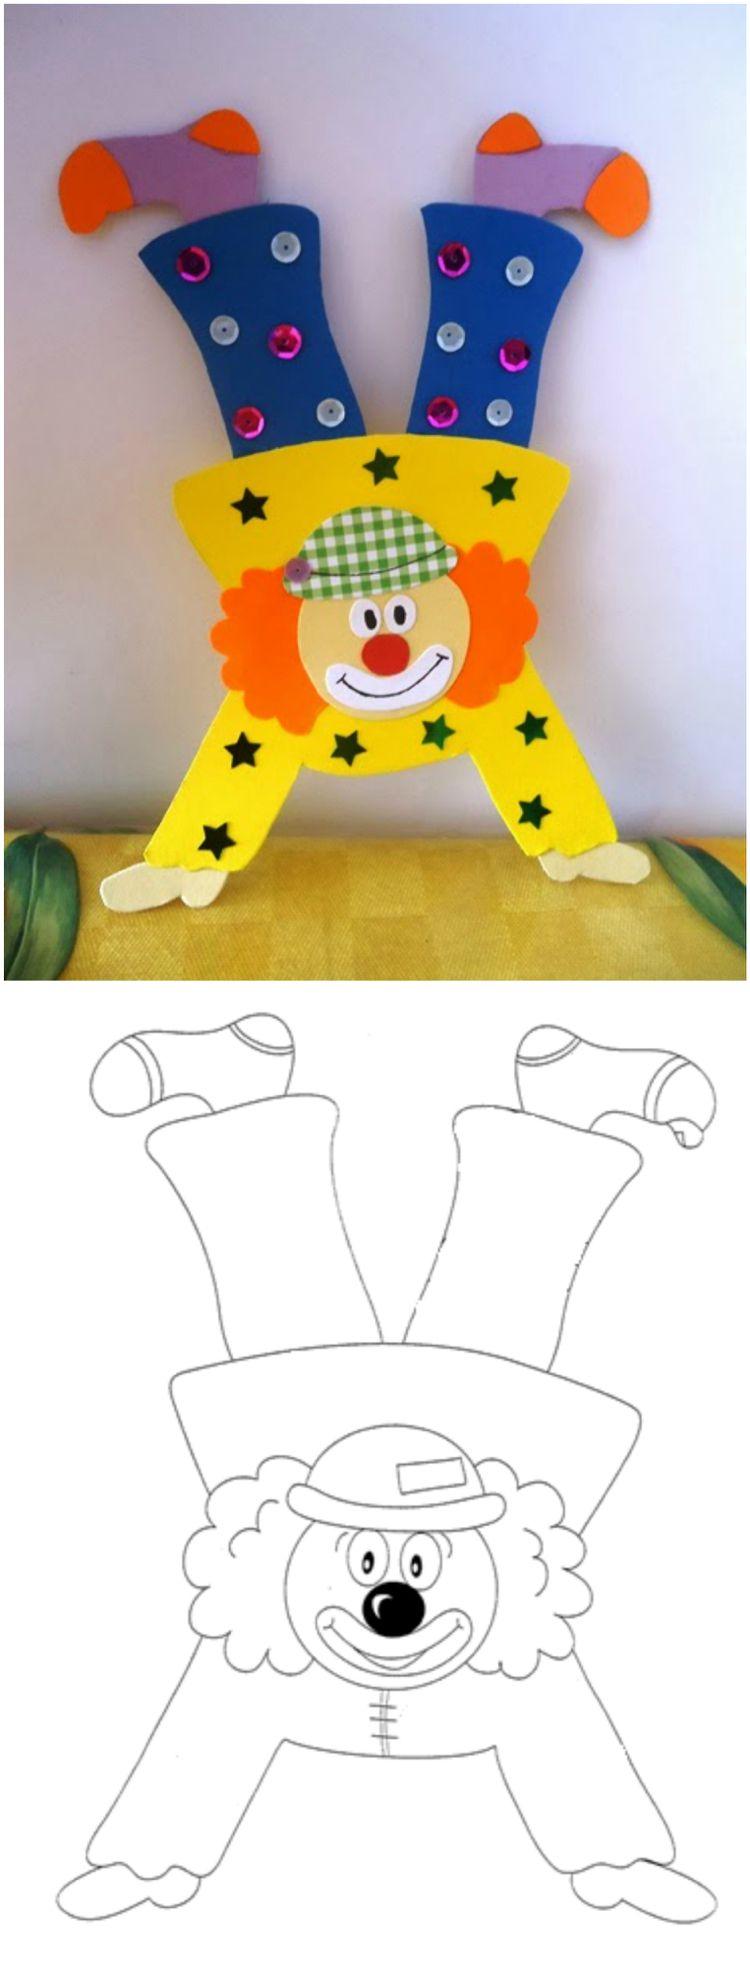 Clown basteln mit Kindern aus Tonpapier, Klorollen, Pappteller und Co.